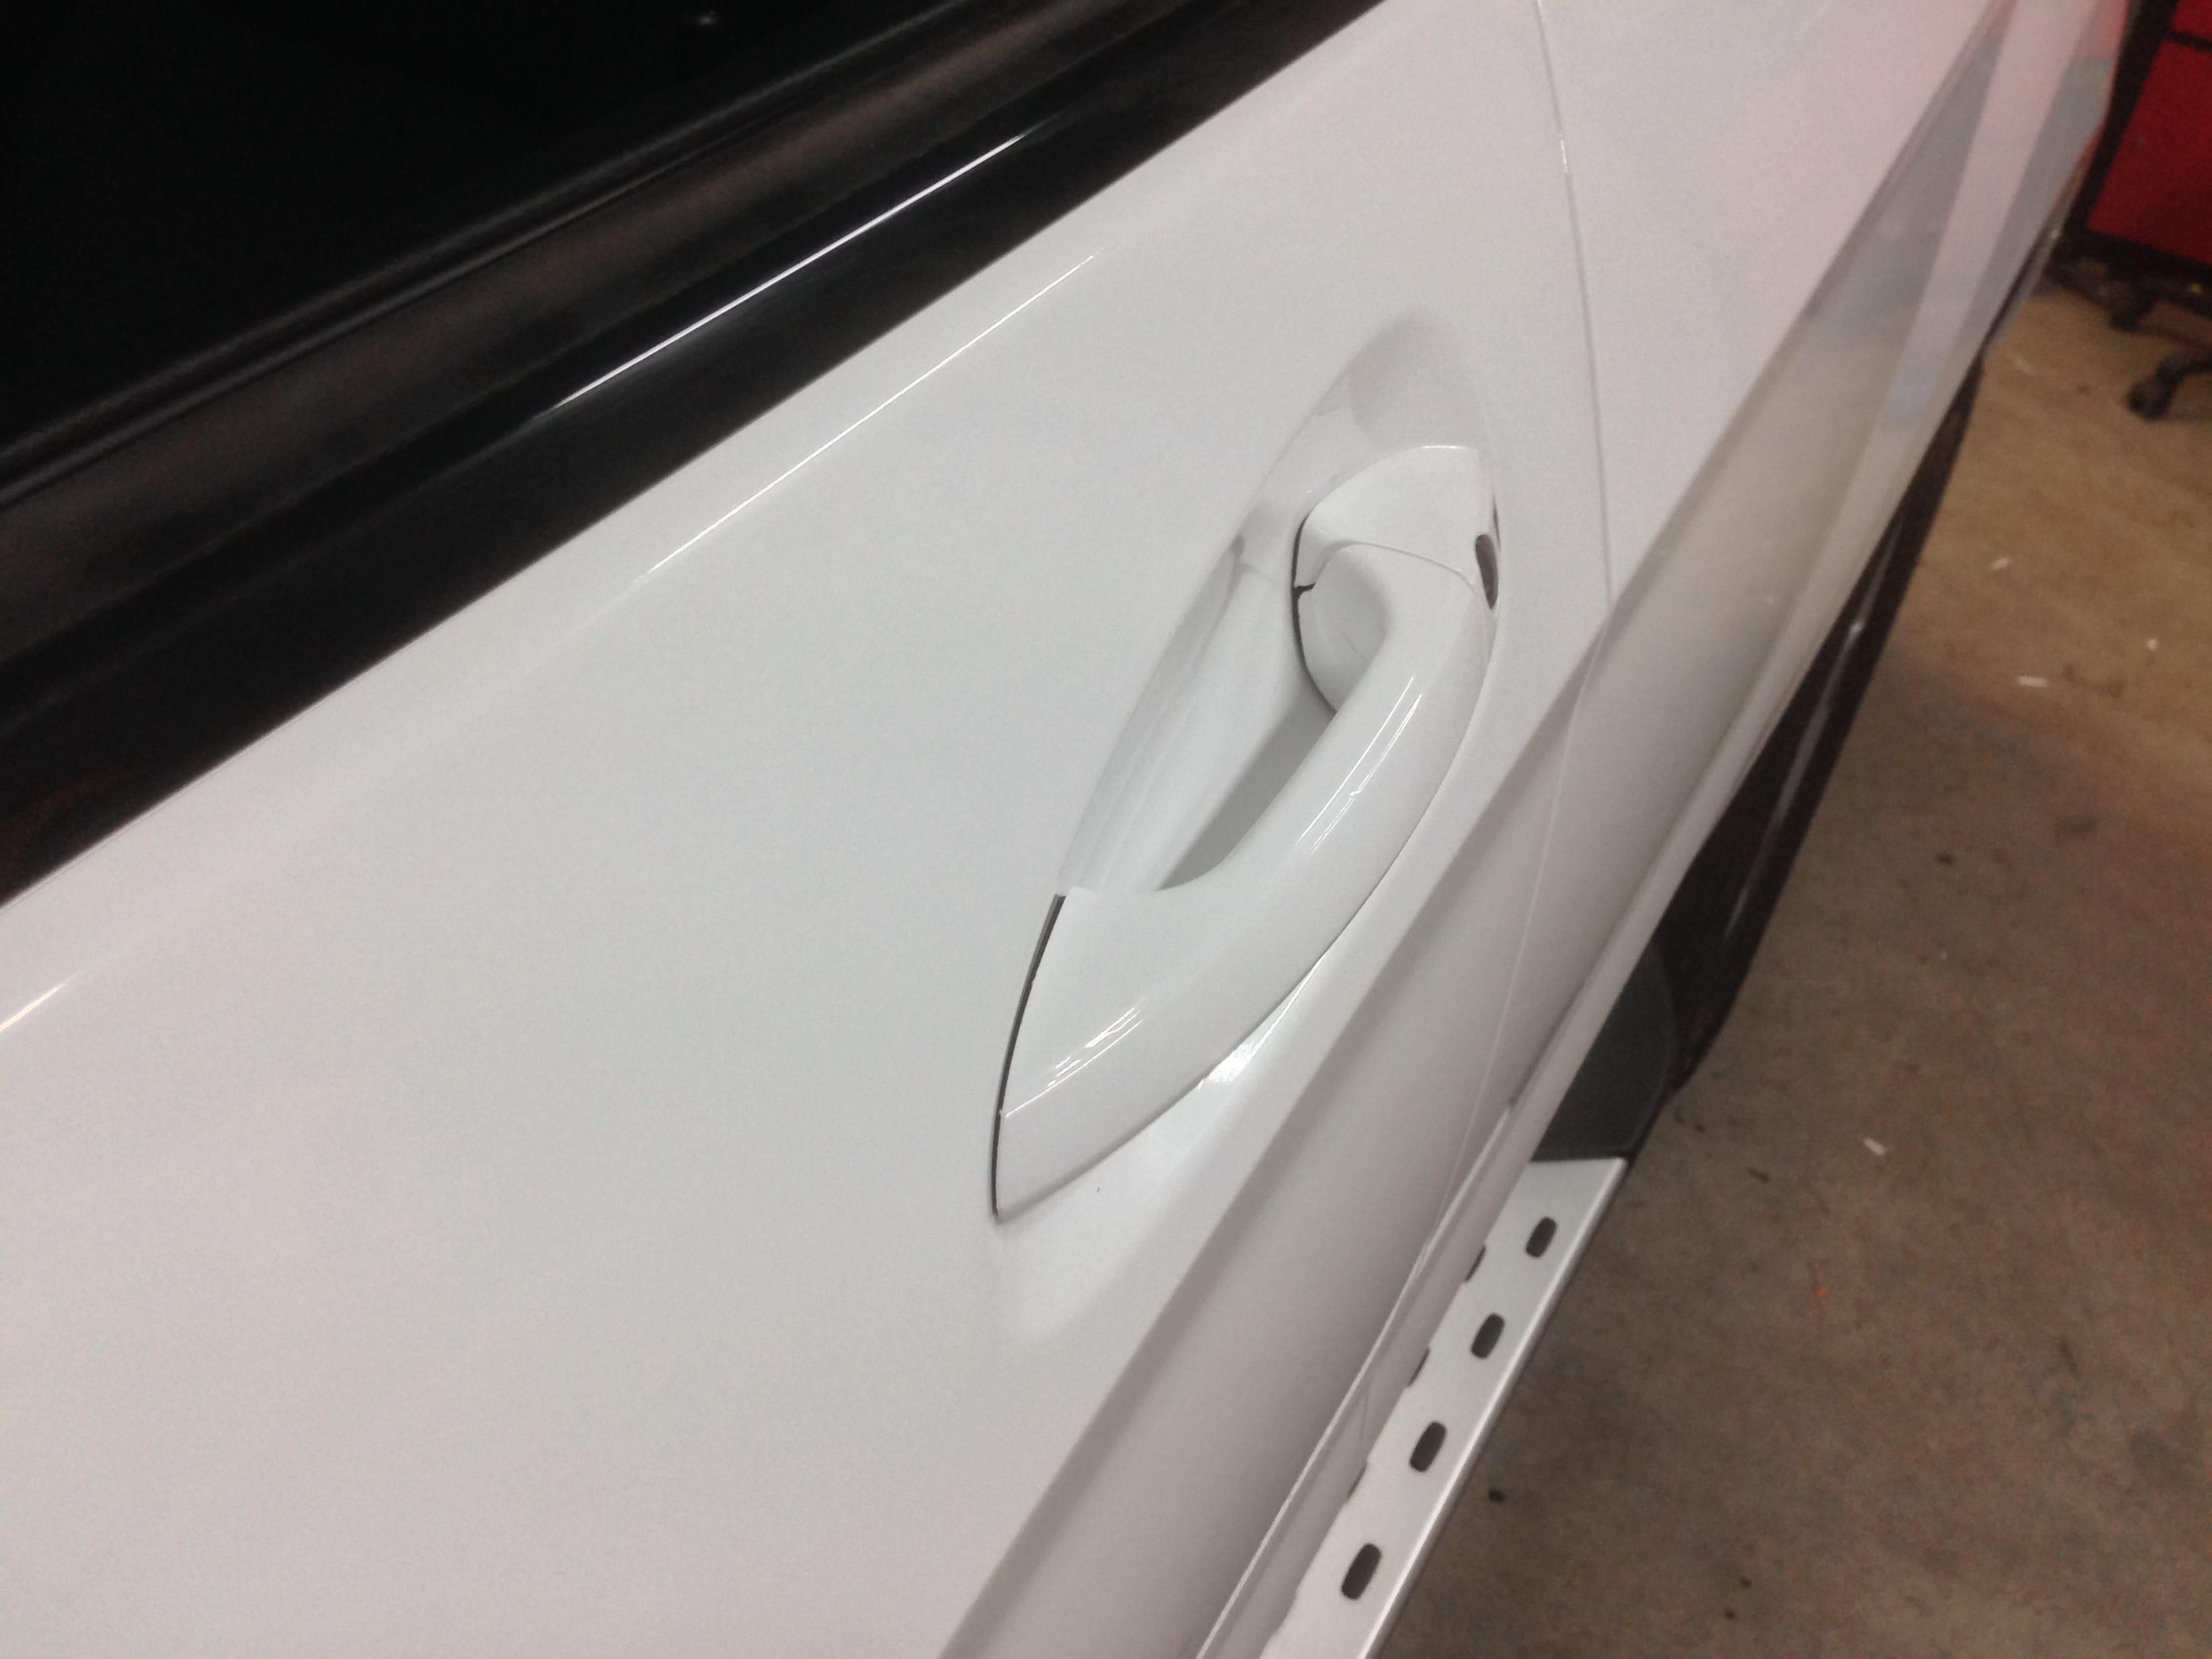 Mercedes GLK met Glossy White Wrap, Carwrapping door Wrapmyride.nu Foto-nr:6304, ©2020